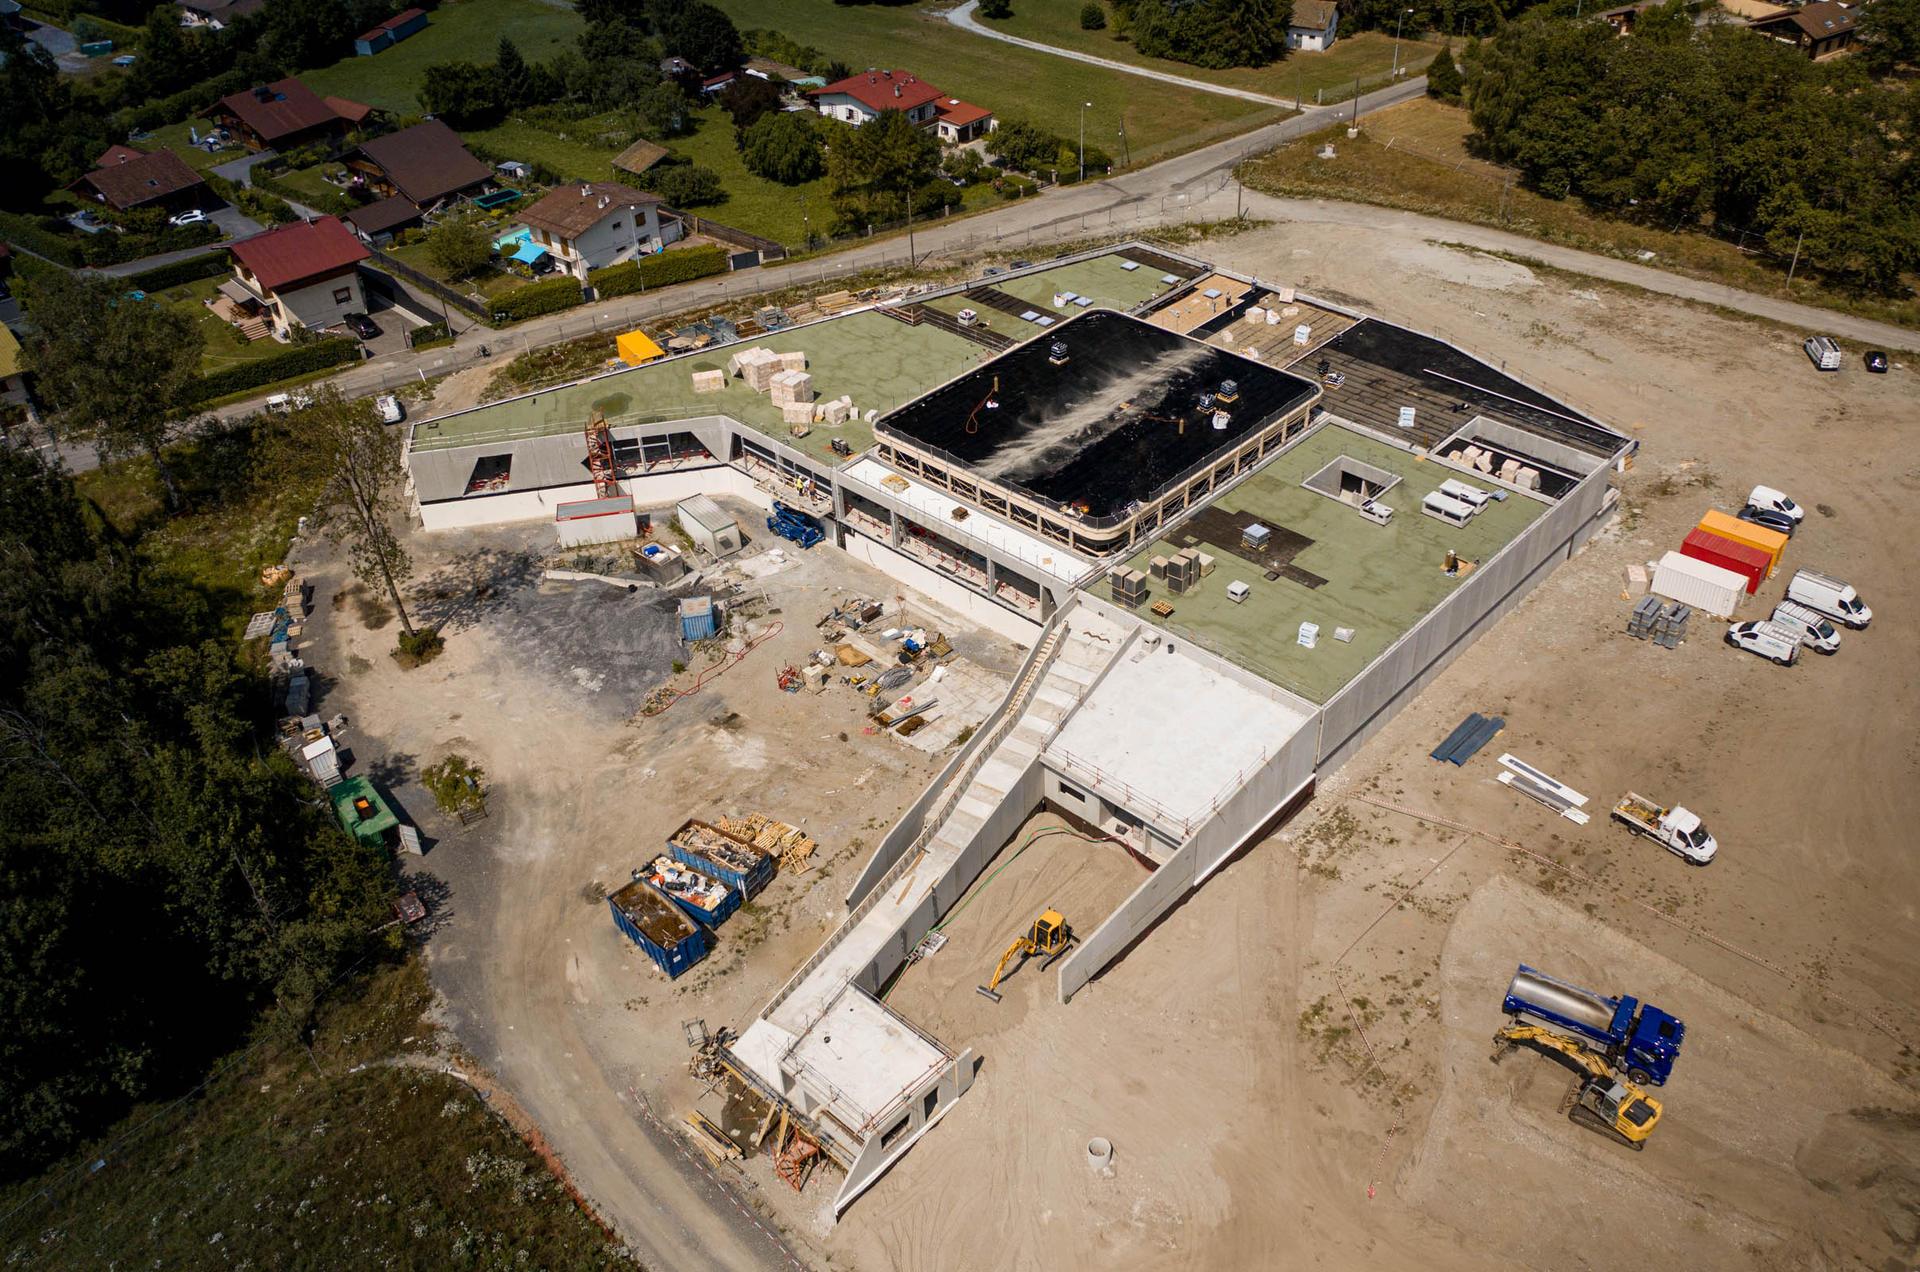 Le Centre Aquatique De Sallanches - Ville De Sallanches concernant Piscine Sallanches